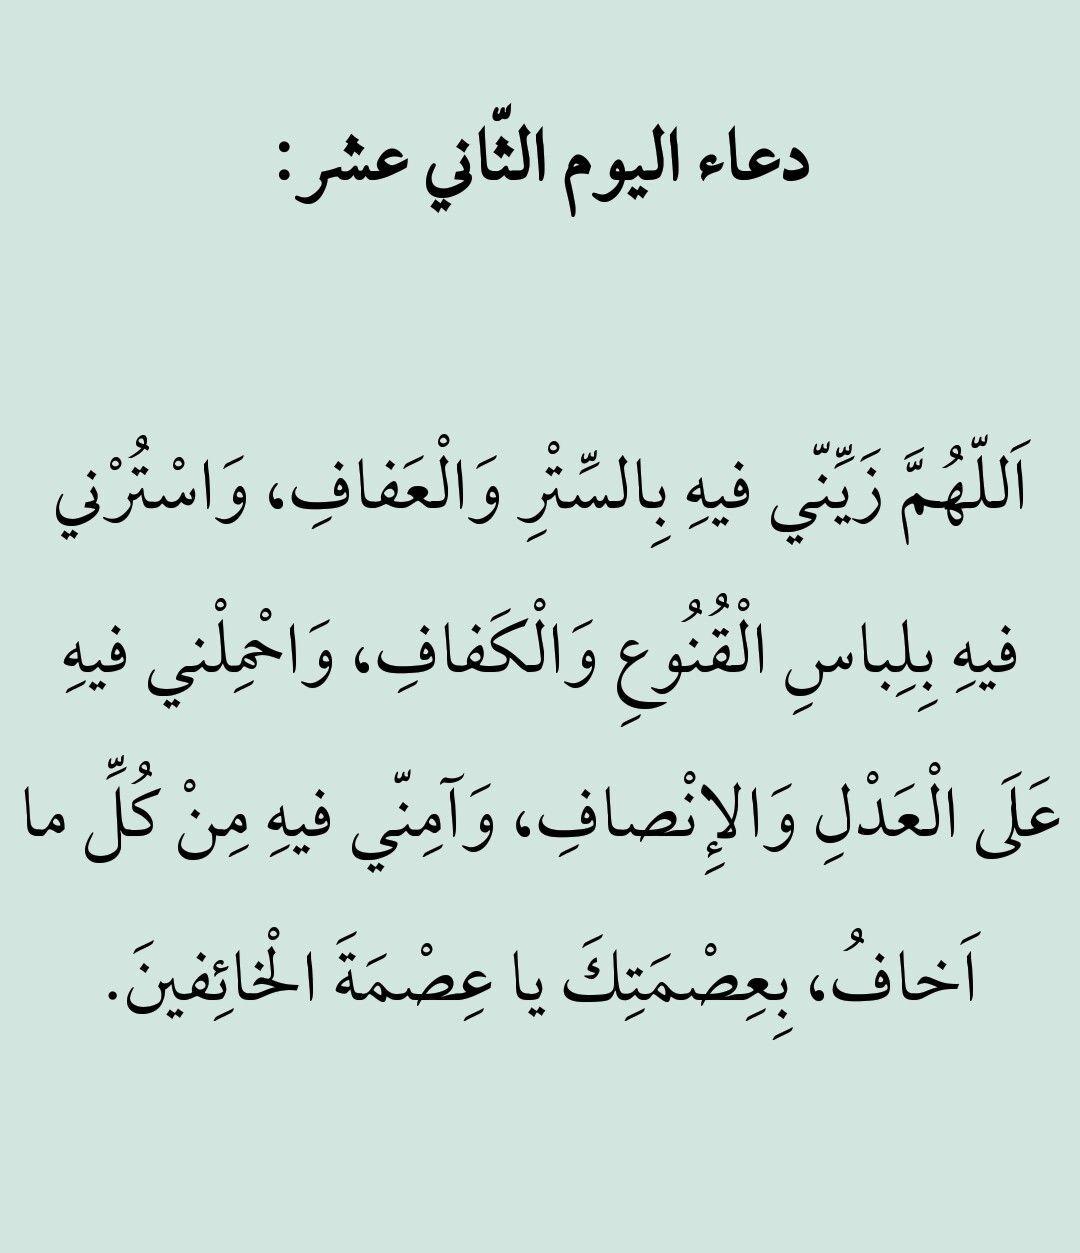 دعاء اليوم الثاني عشر من رمضان Ramadan Quotes Ramadan Day Ramadan Cards